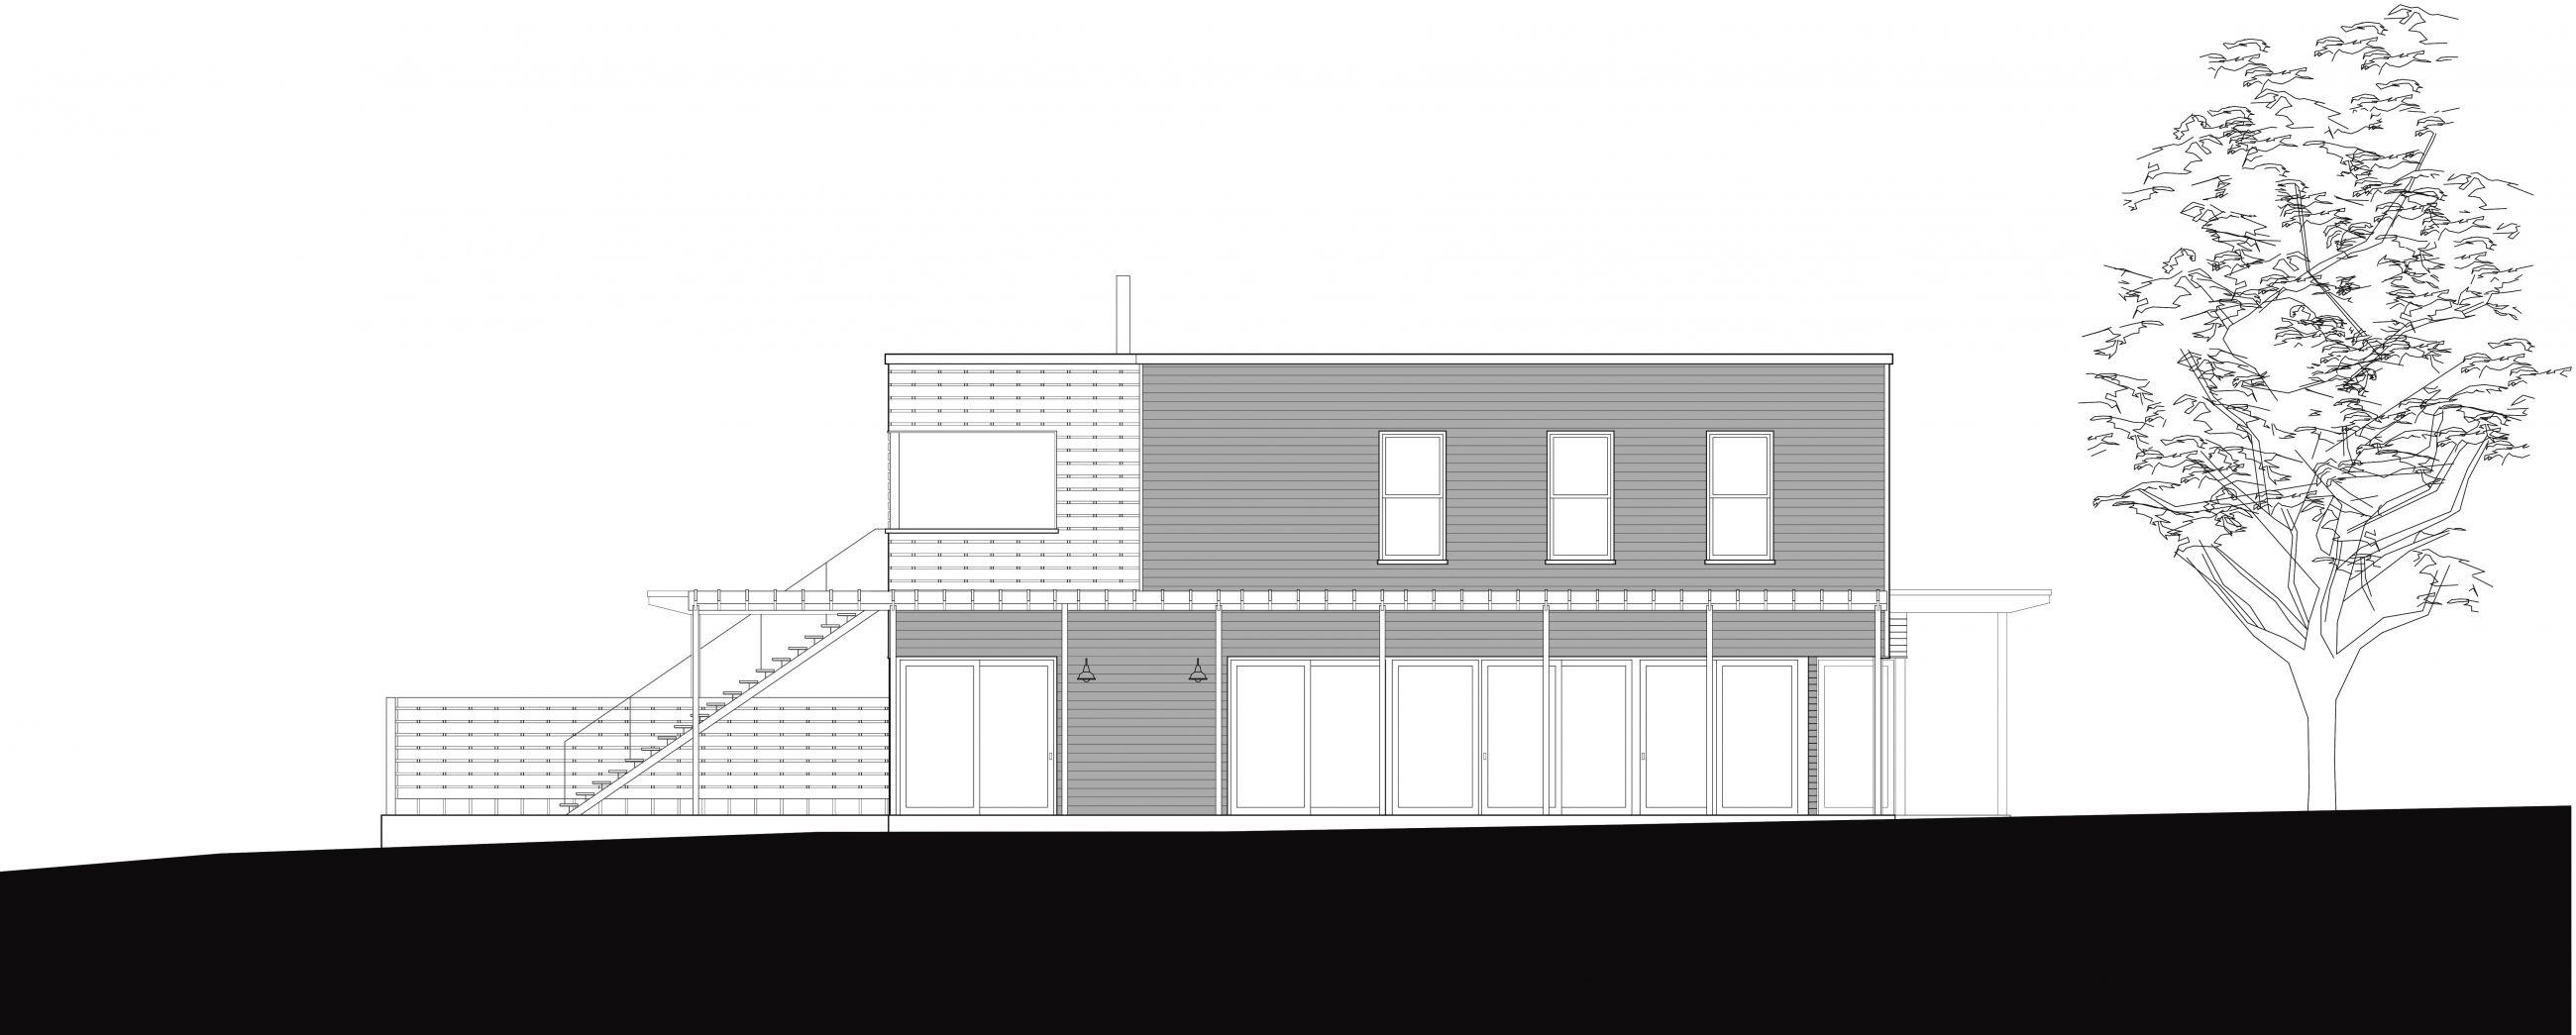 Sag Harbor House Elevation